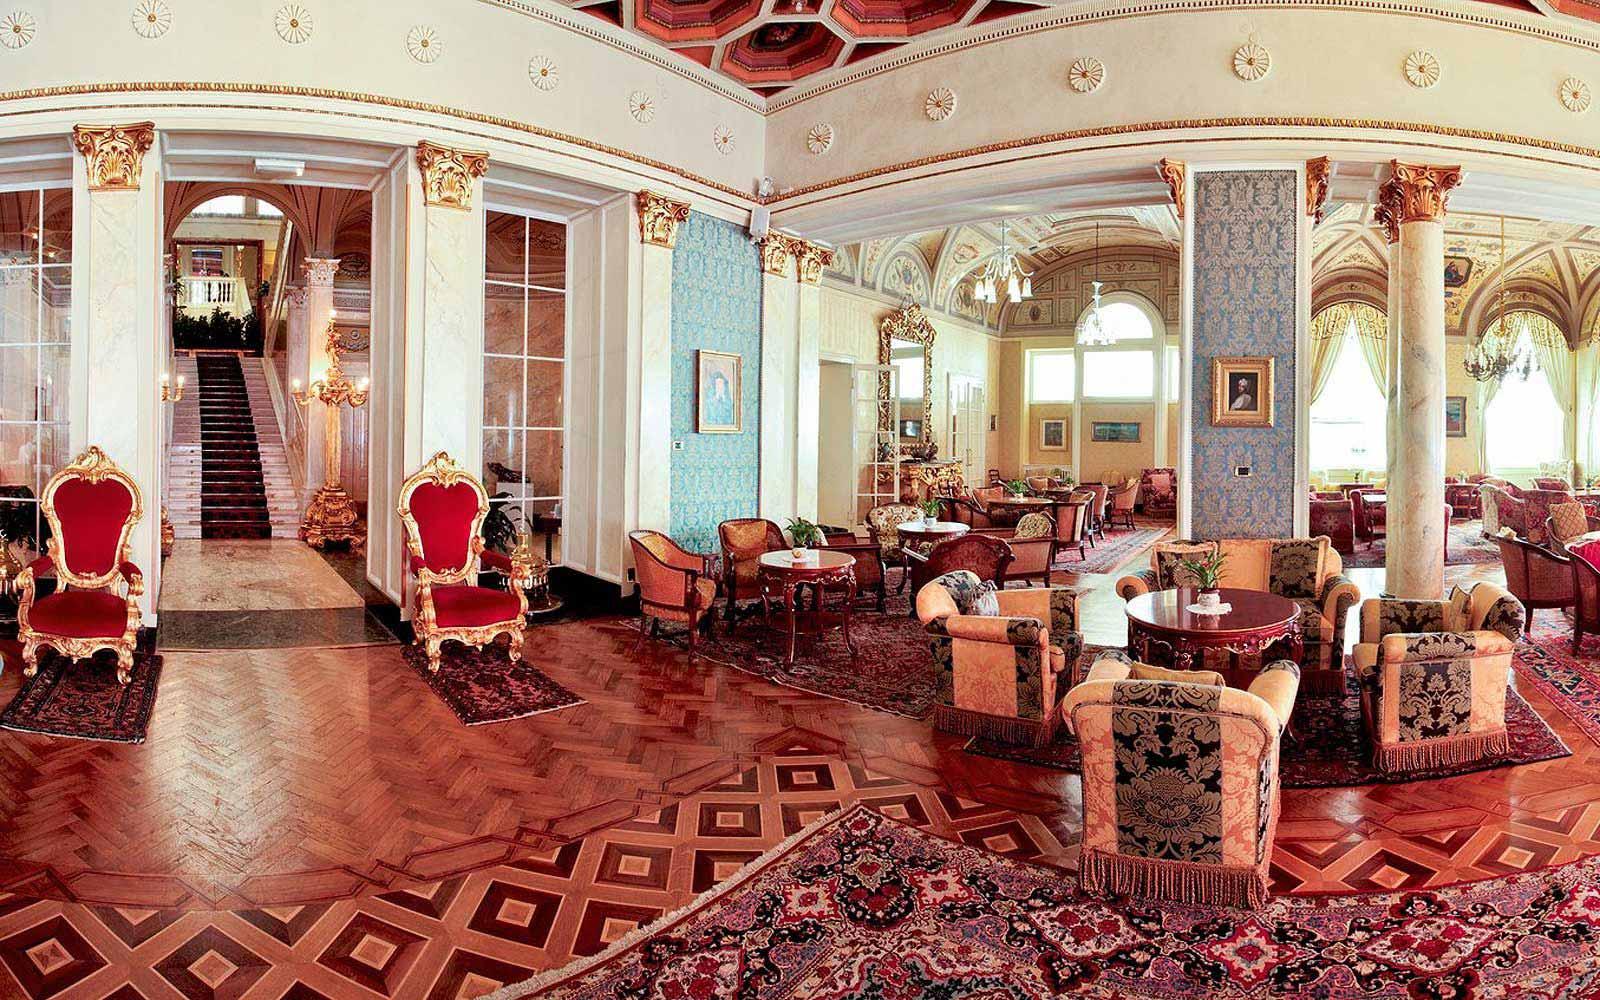 A hall at Grand Hotel Villa Serbelloni